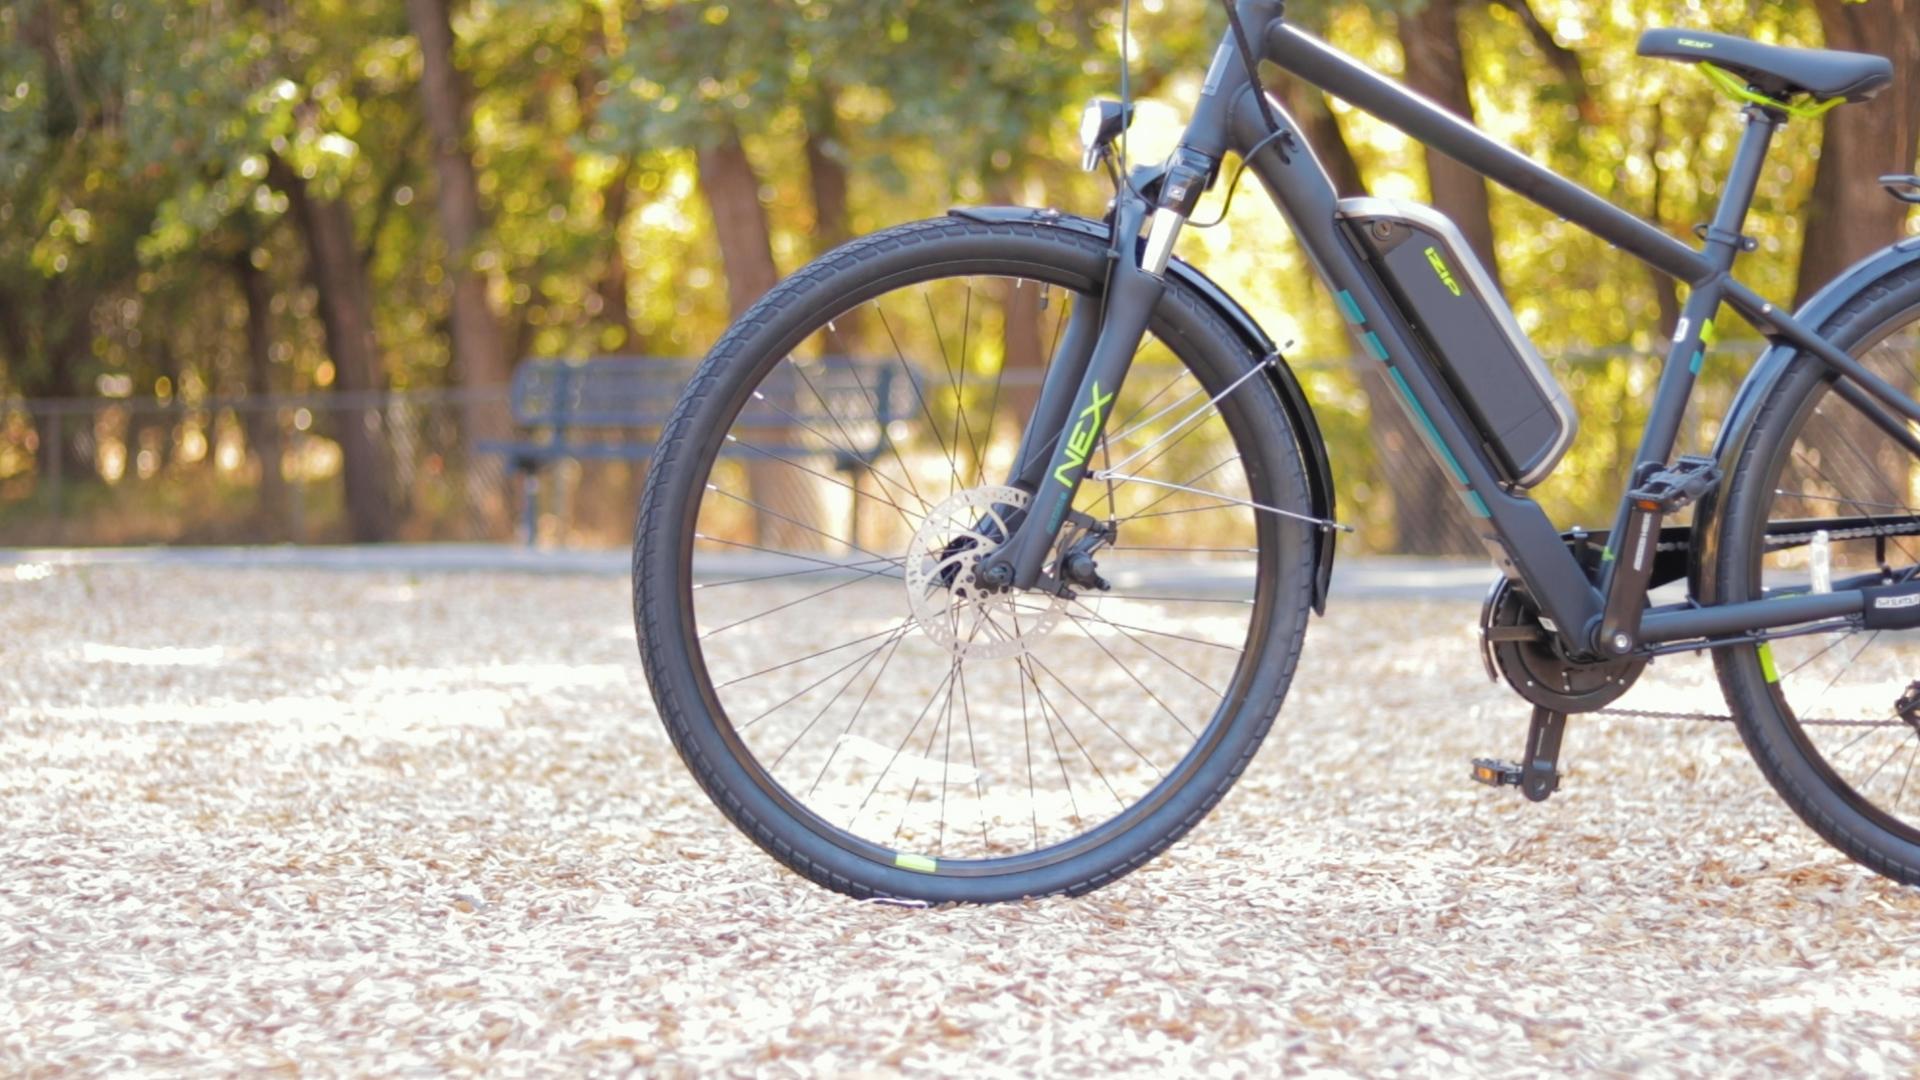 electrified-reviews-izip-e3-brio-electric-bike-review-tektro-disc-brake-far.jpg